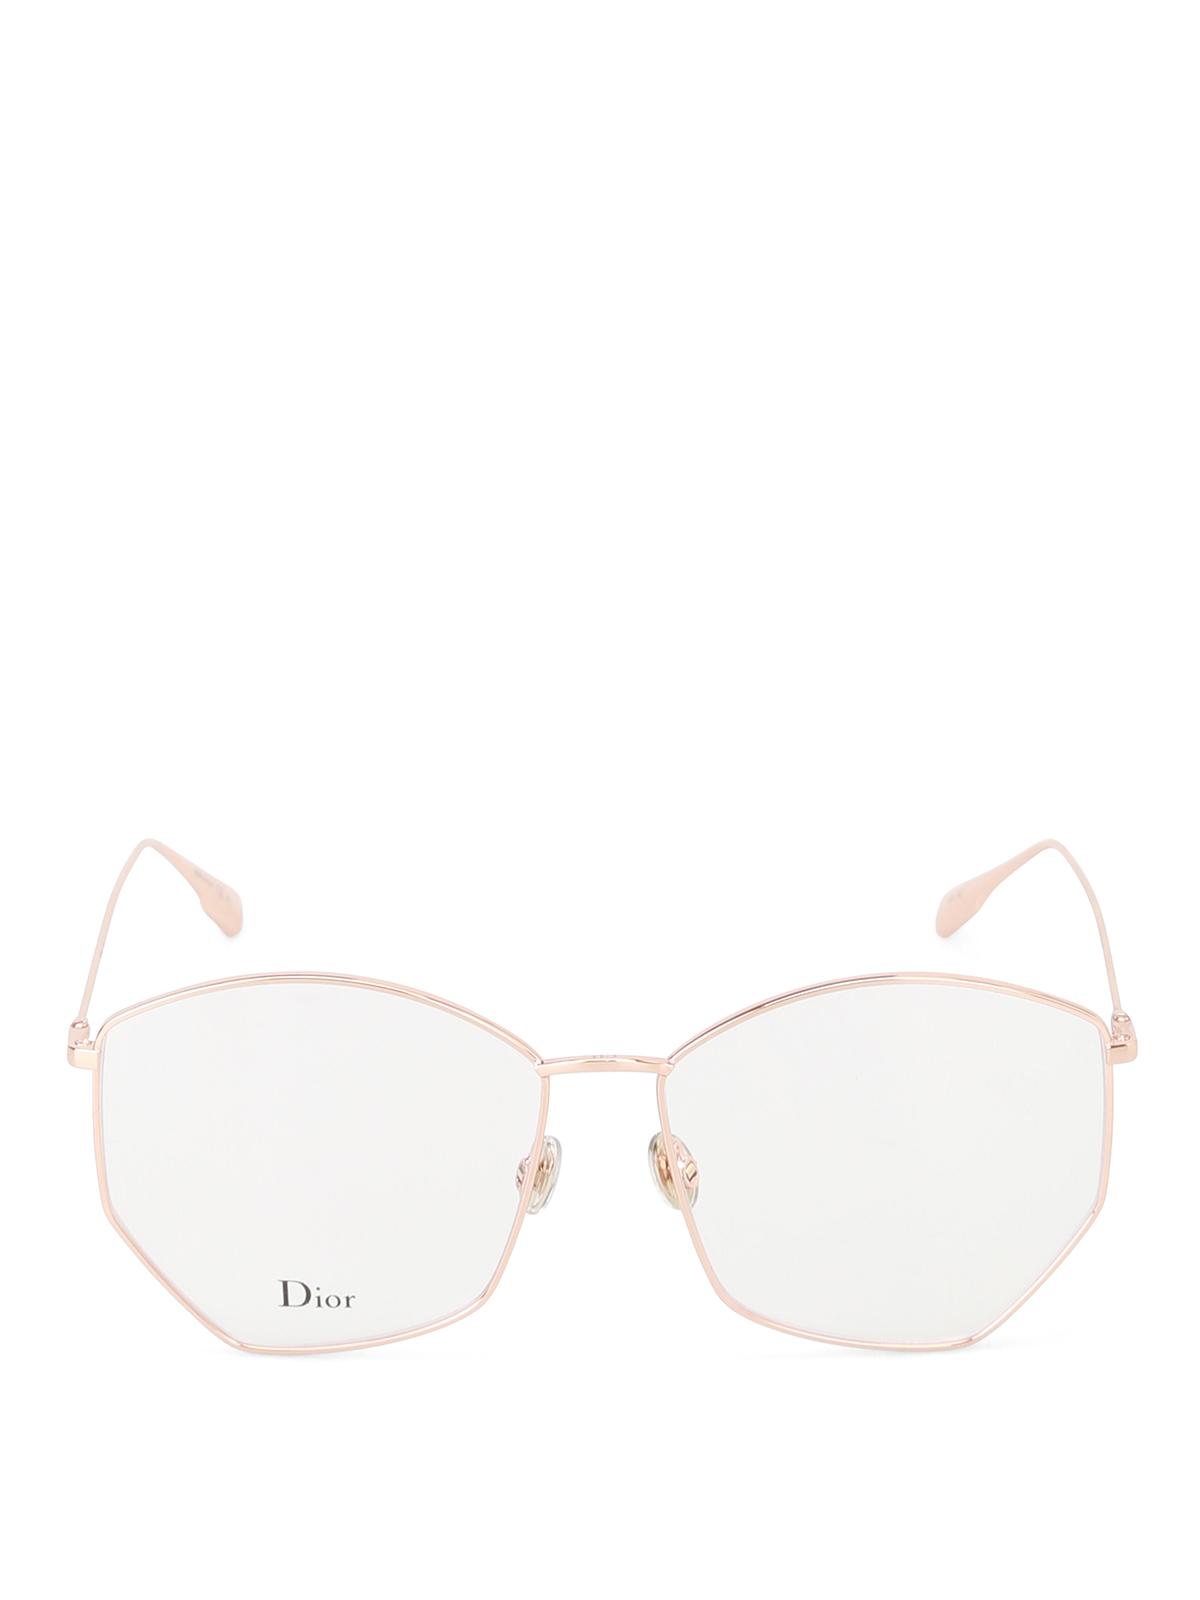 Erfreut Dior Brillenfassungen Bilder - Bilderrahmen Ideen - szurop.info